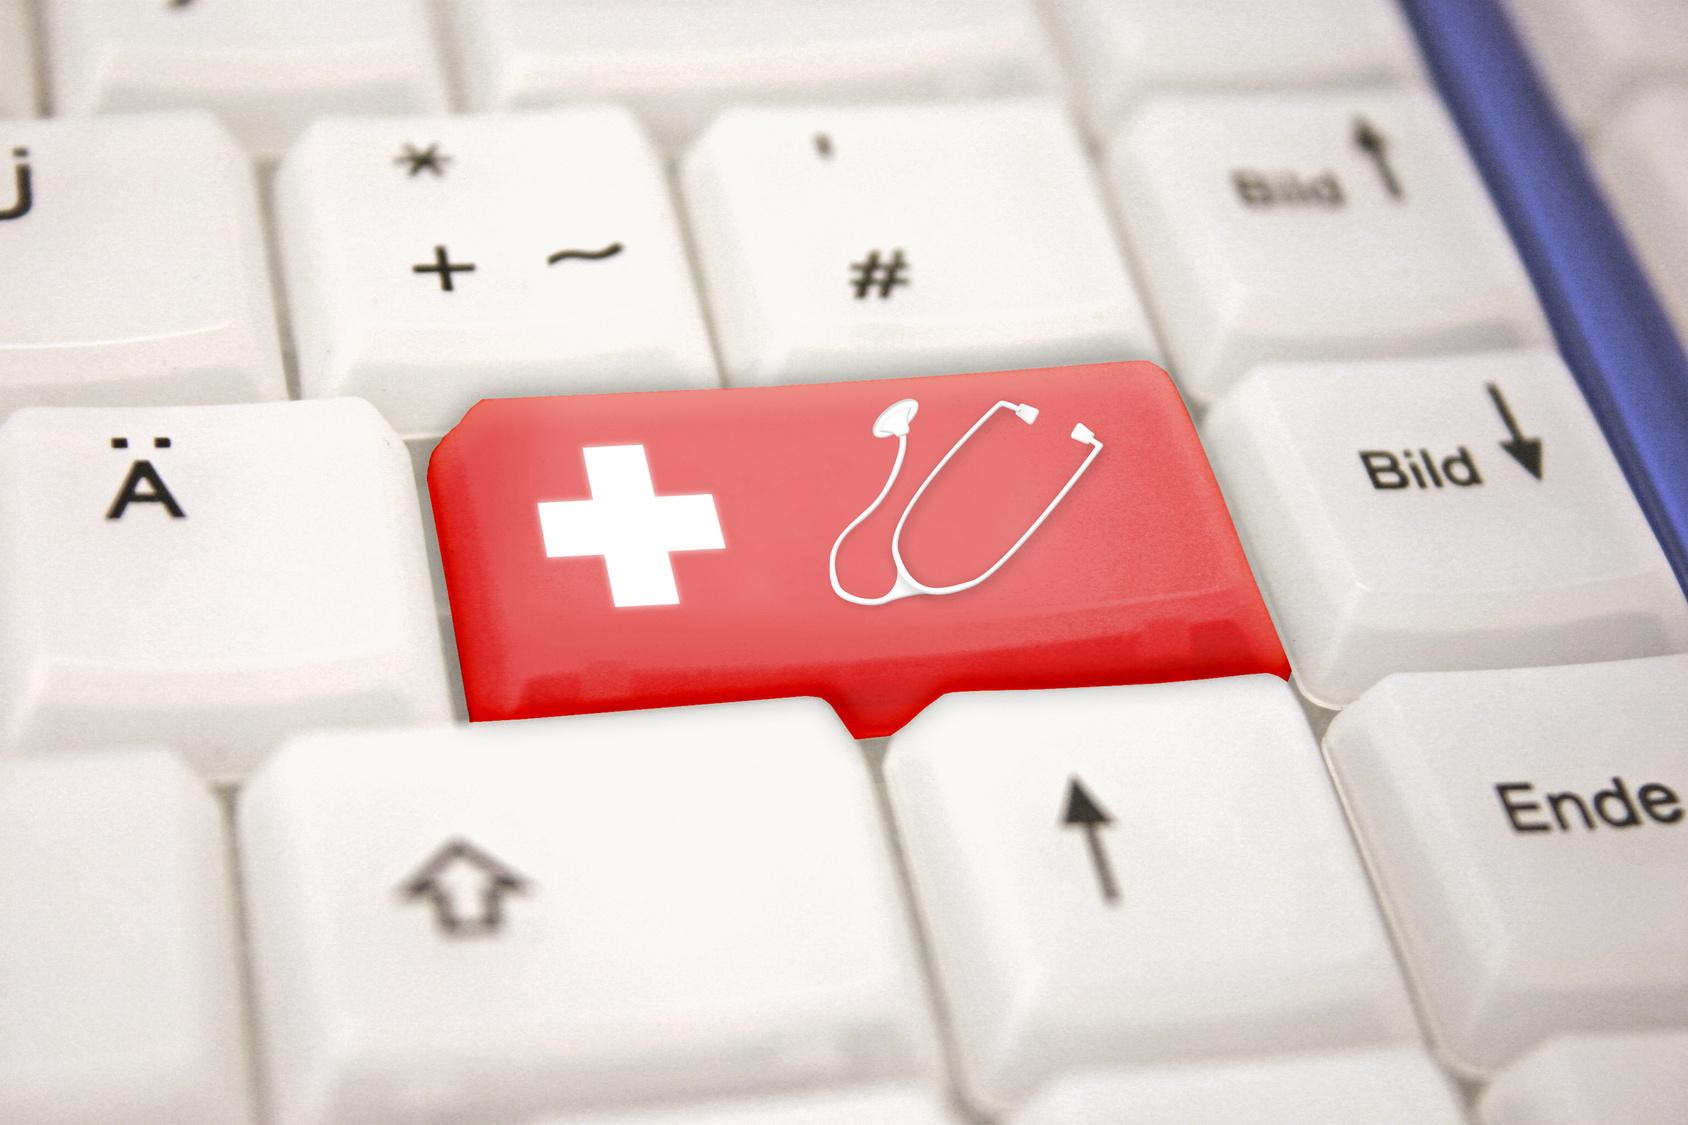 DAK-Studie zeigt: Ärzte wollen mehr E-Health-Anwendungen für die Praxis – und Apps sind auch nicht uninteressant…